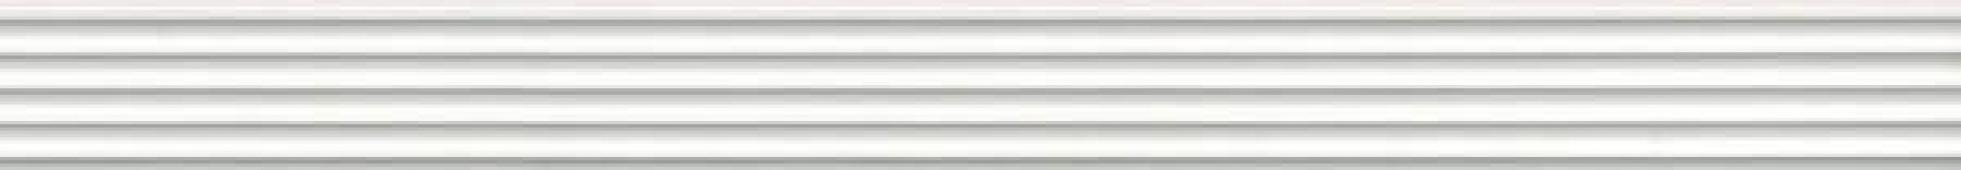 LSA015 Спига белый структура 40*3.4 бордюр